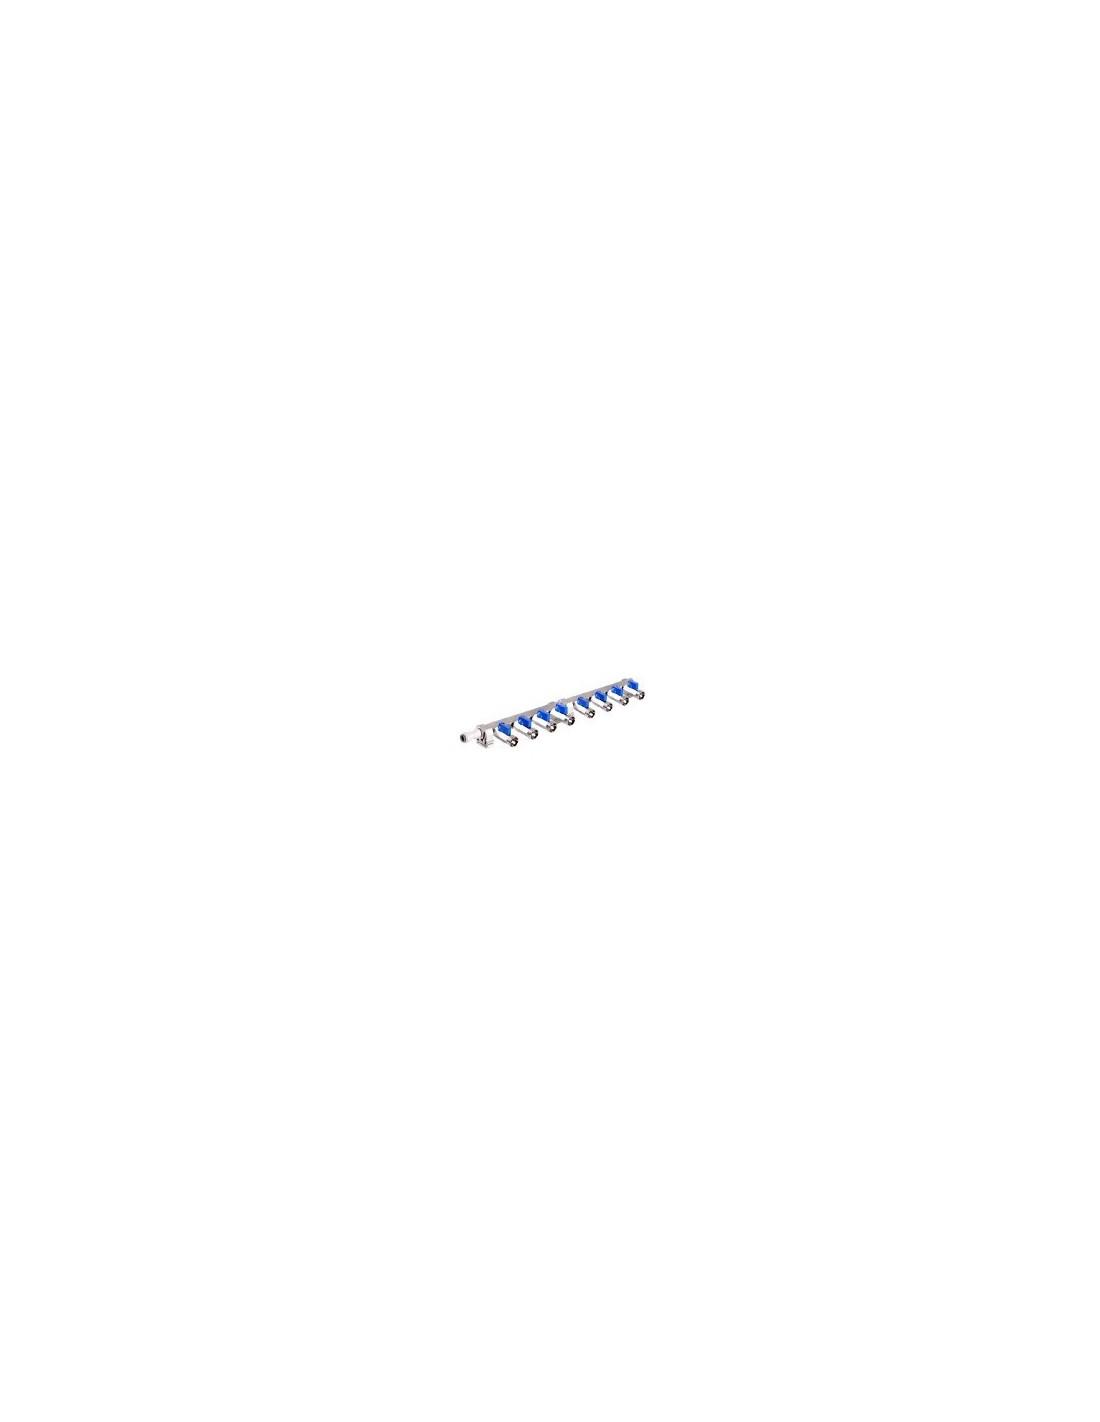 VYR02256 - Förgrening med 8 anslutningar och avstängningskranar